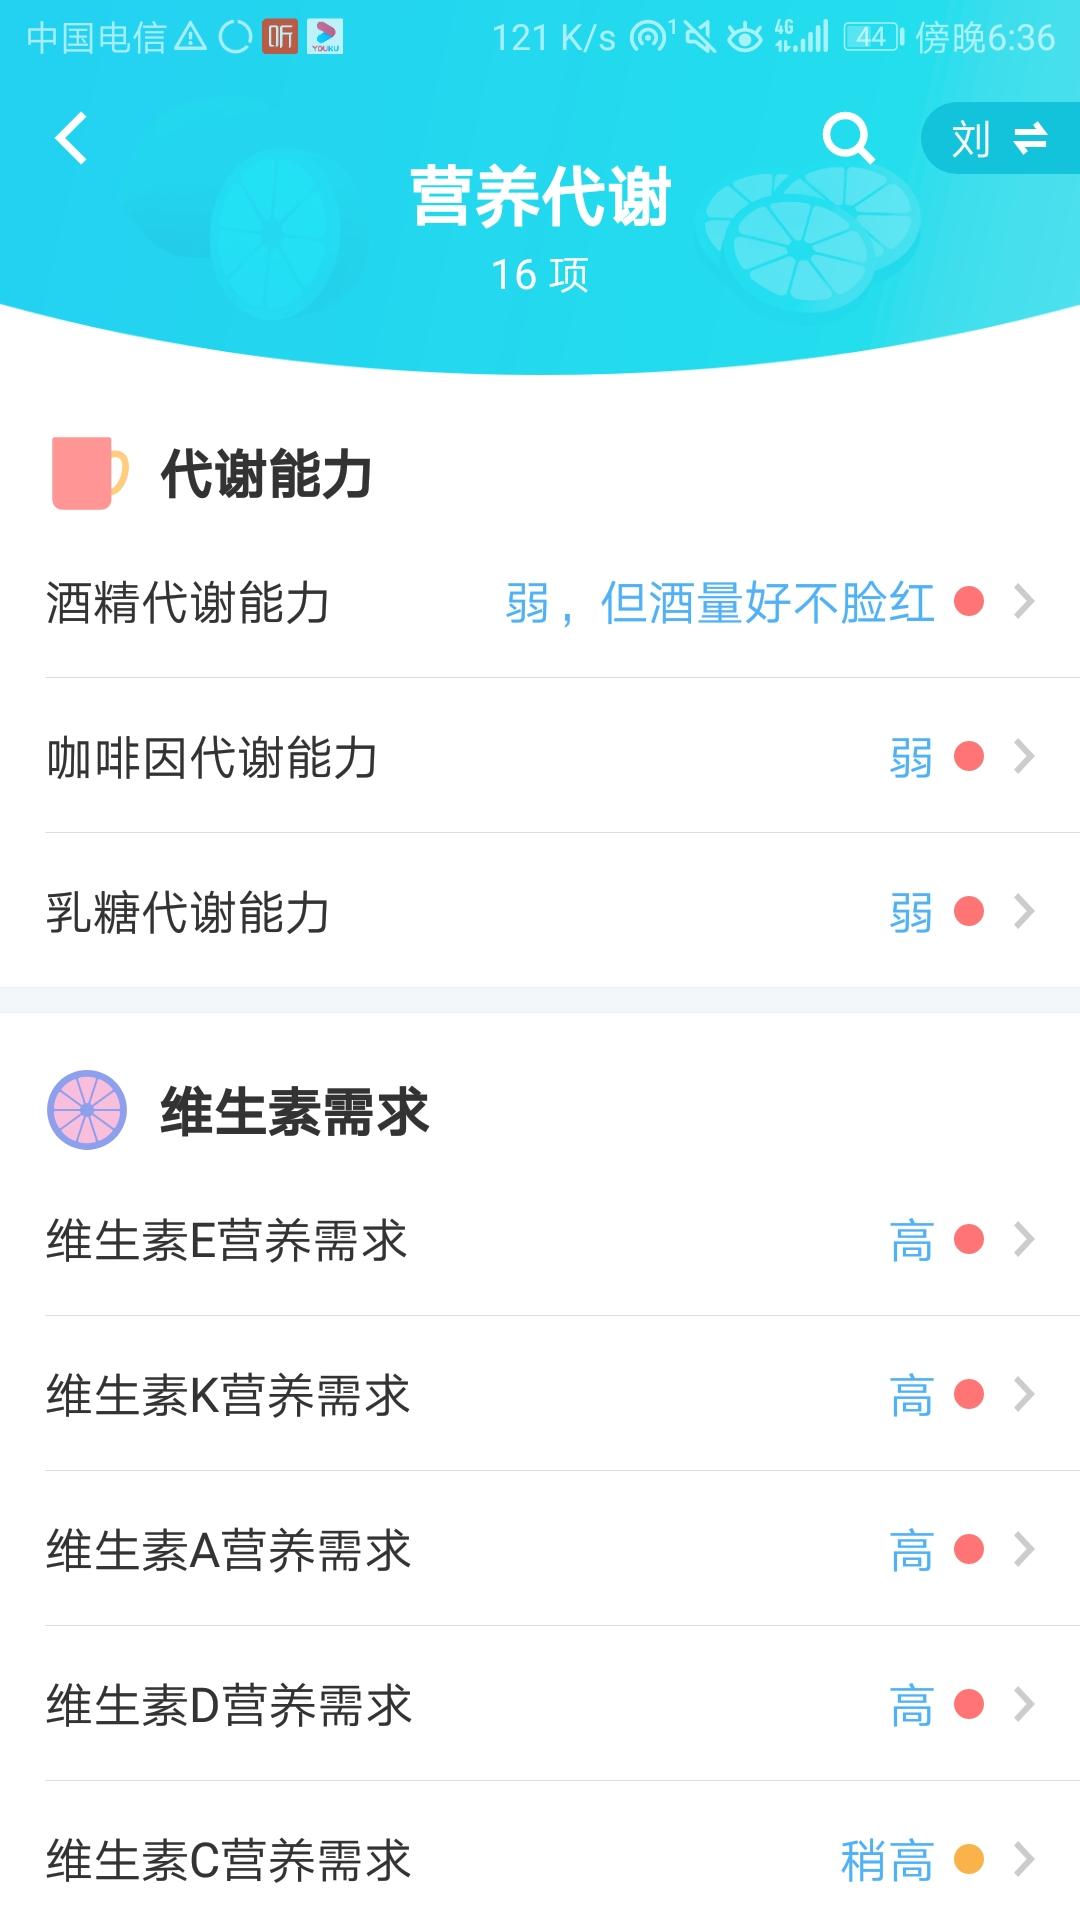 Screenshot_20190912-183621.jpg